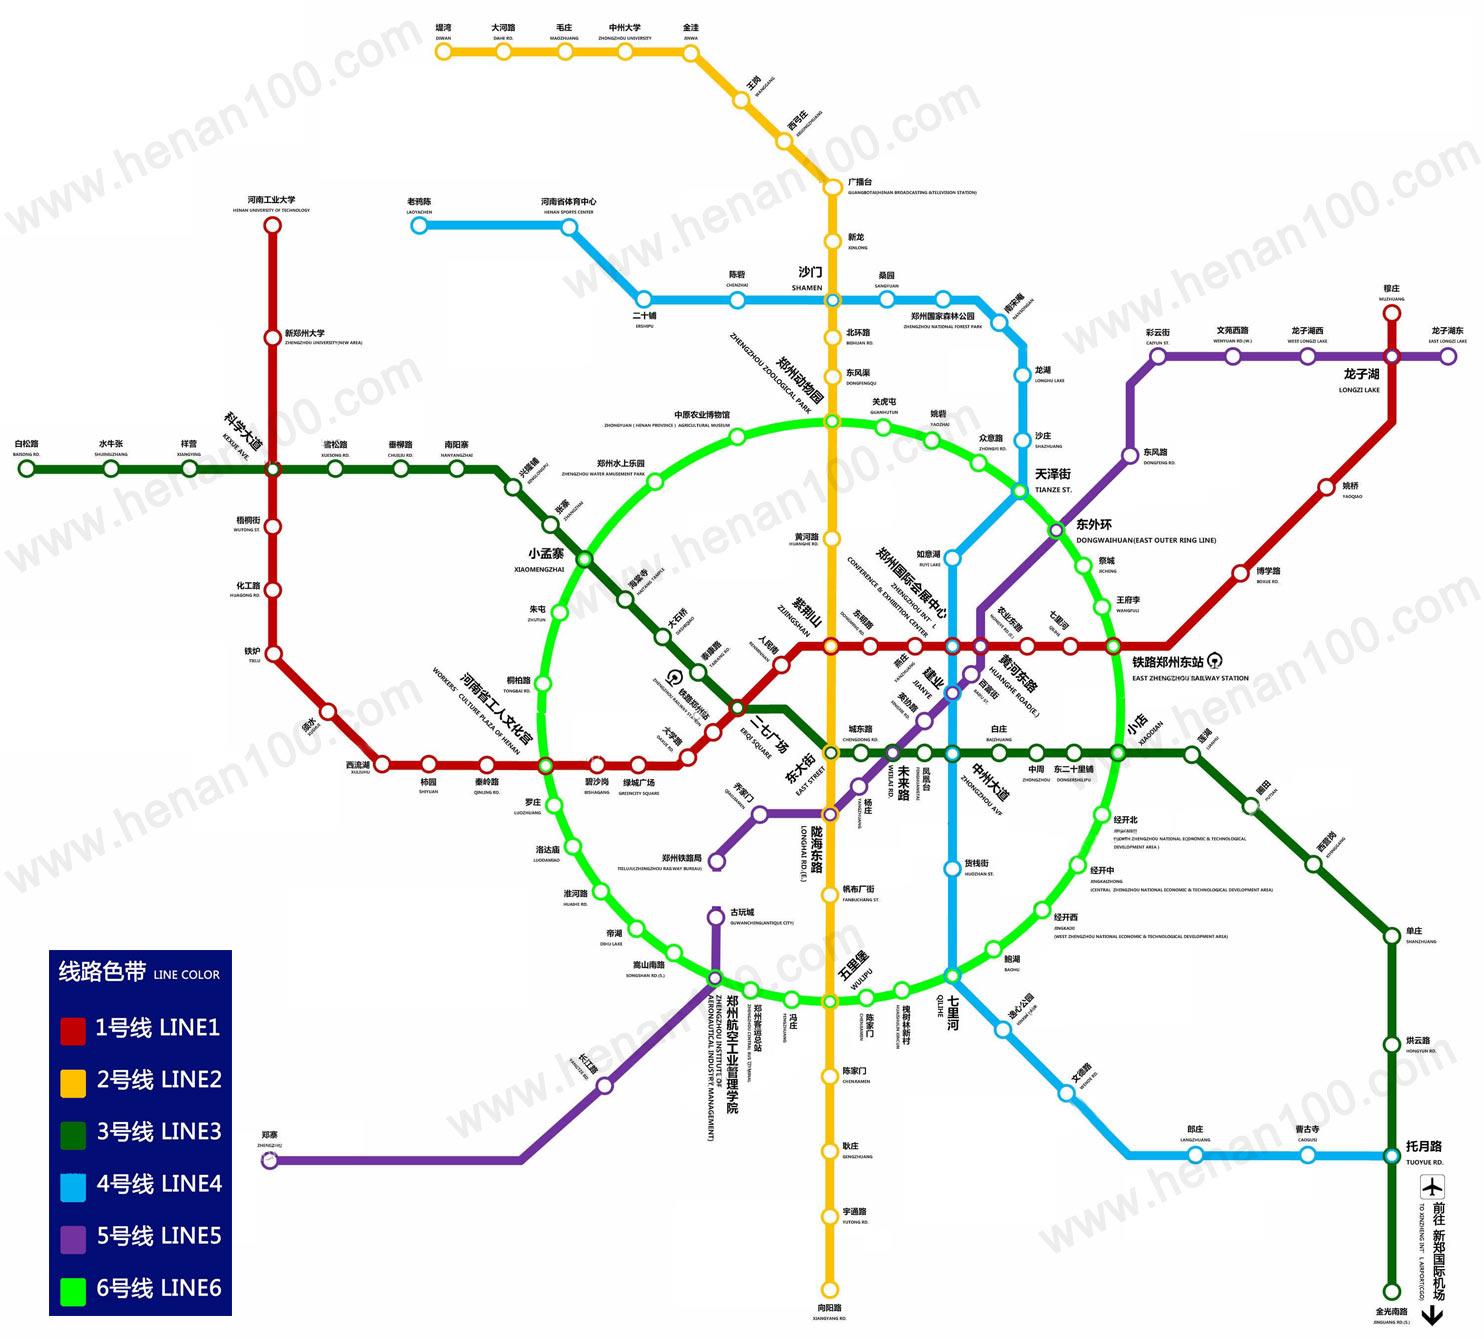 郑州地铁5号线 14 郑州地铁5号线路图 郑州地铁5号图片